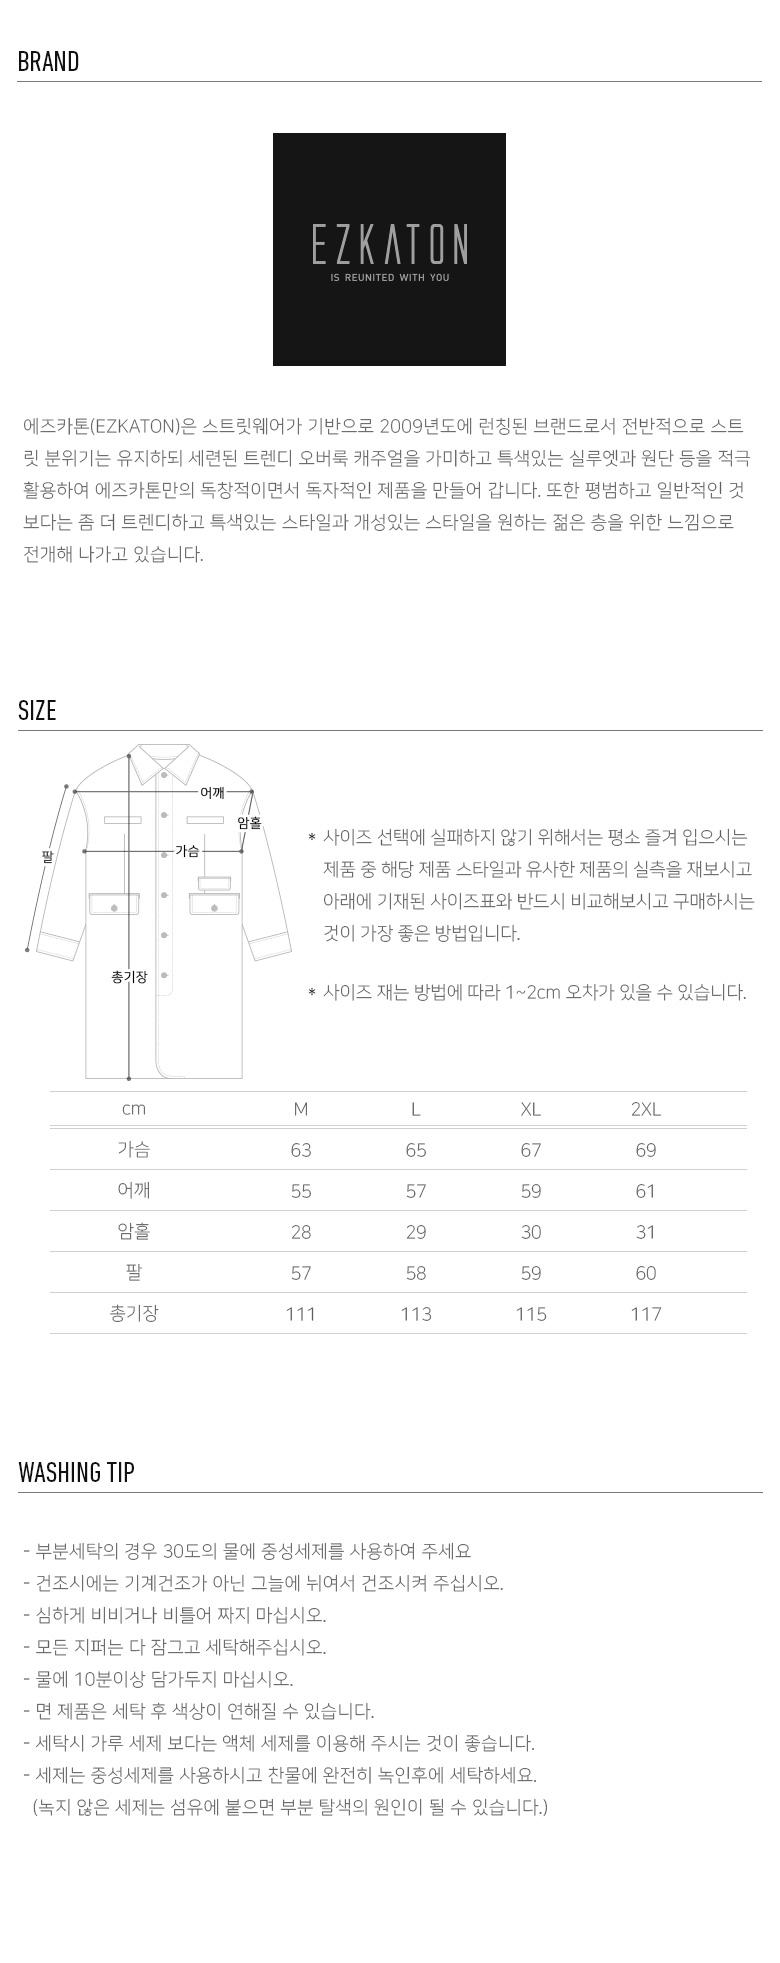 20190826_ez_blen_coat_size.jpg